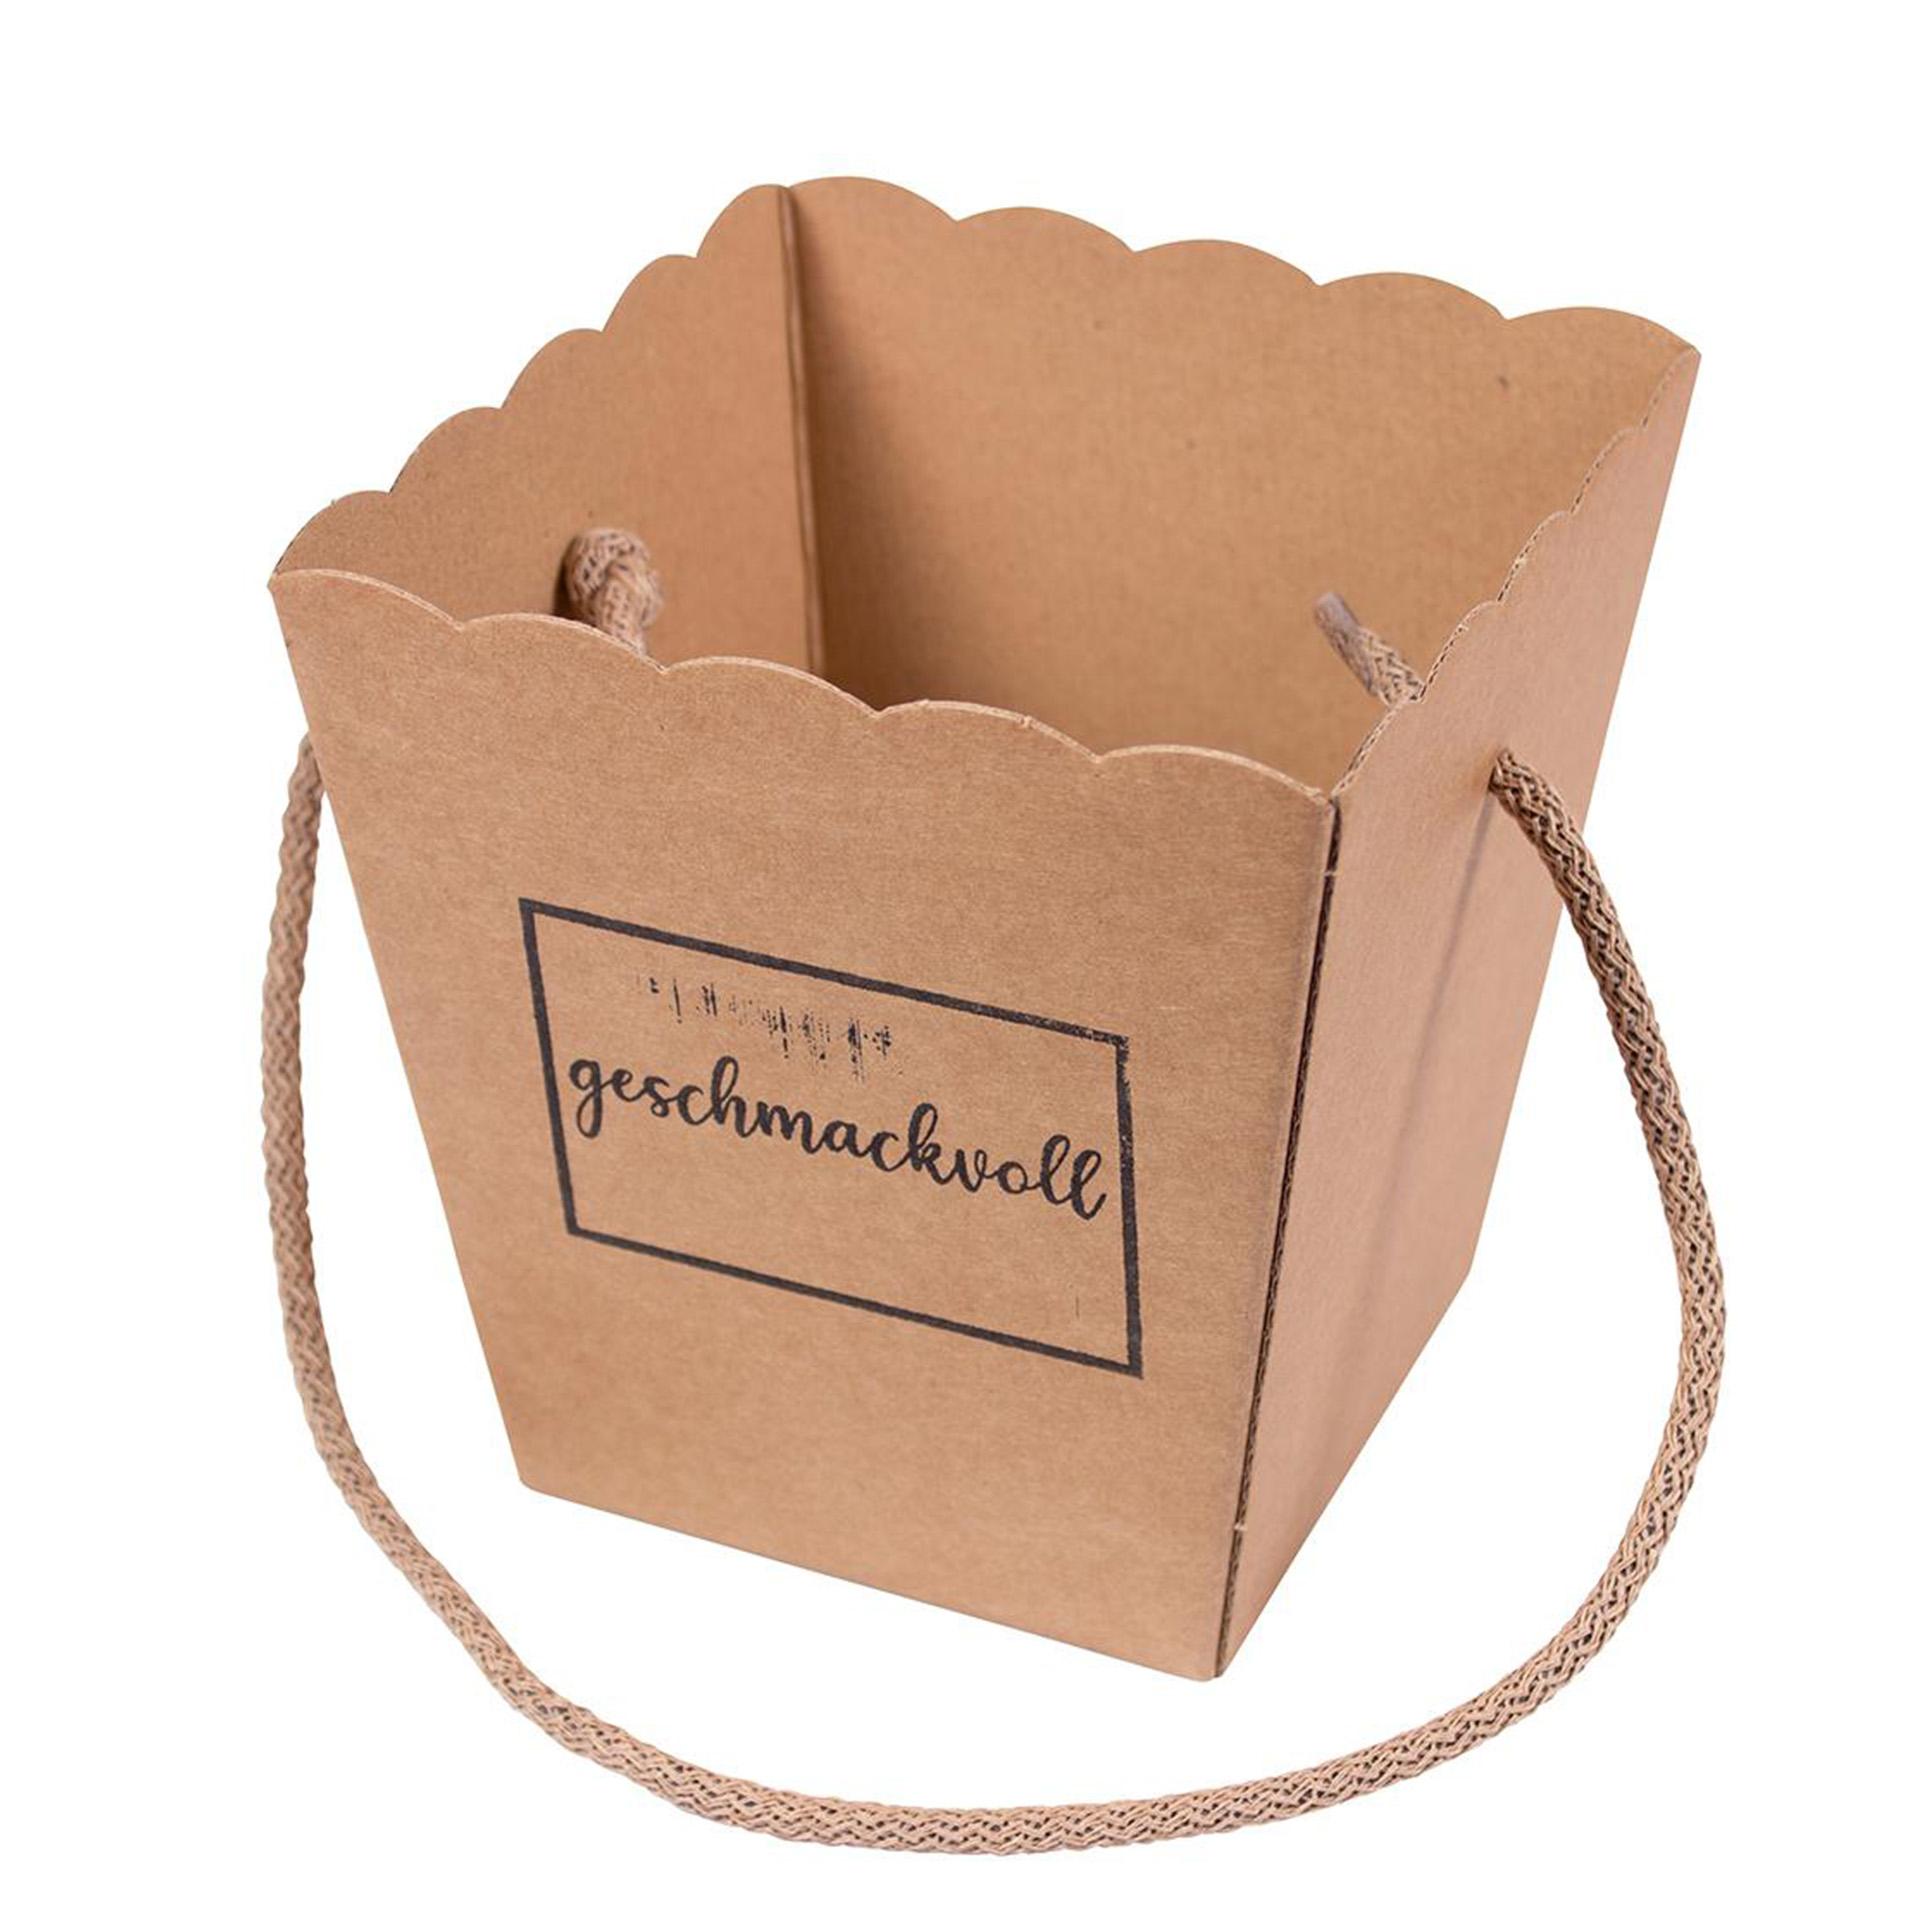 Geschenkkorb Vaso Geschenkverpackung